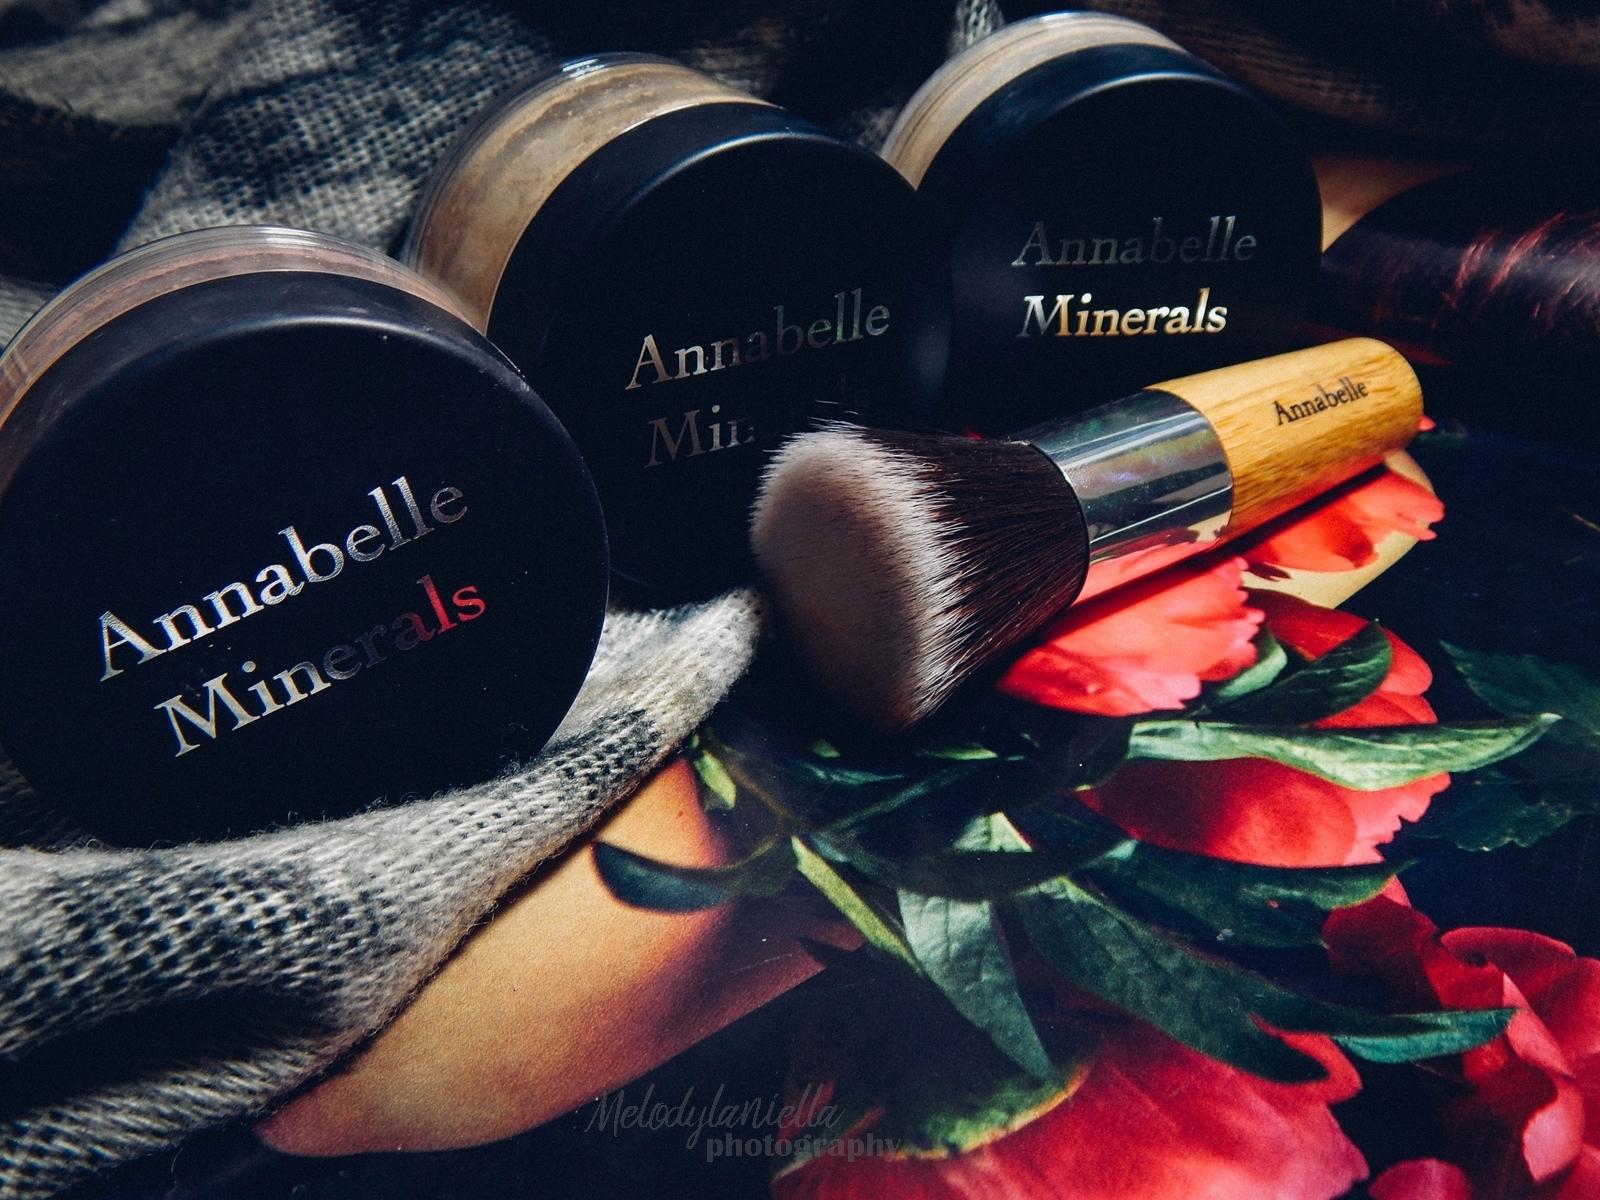 annabelle minerals kosmetyki mineralne zestaw matujący korektor podkład róż gratis pędzel jak używać kosmetyków mineralnych recenzja melodylaniella kosmetyki matujące